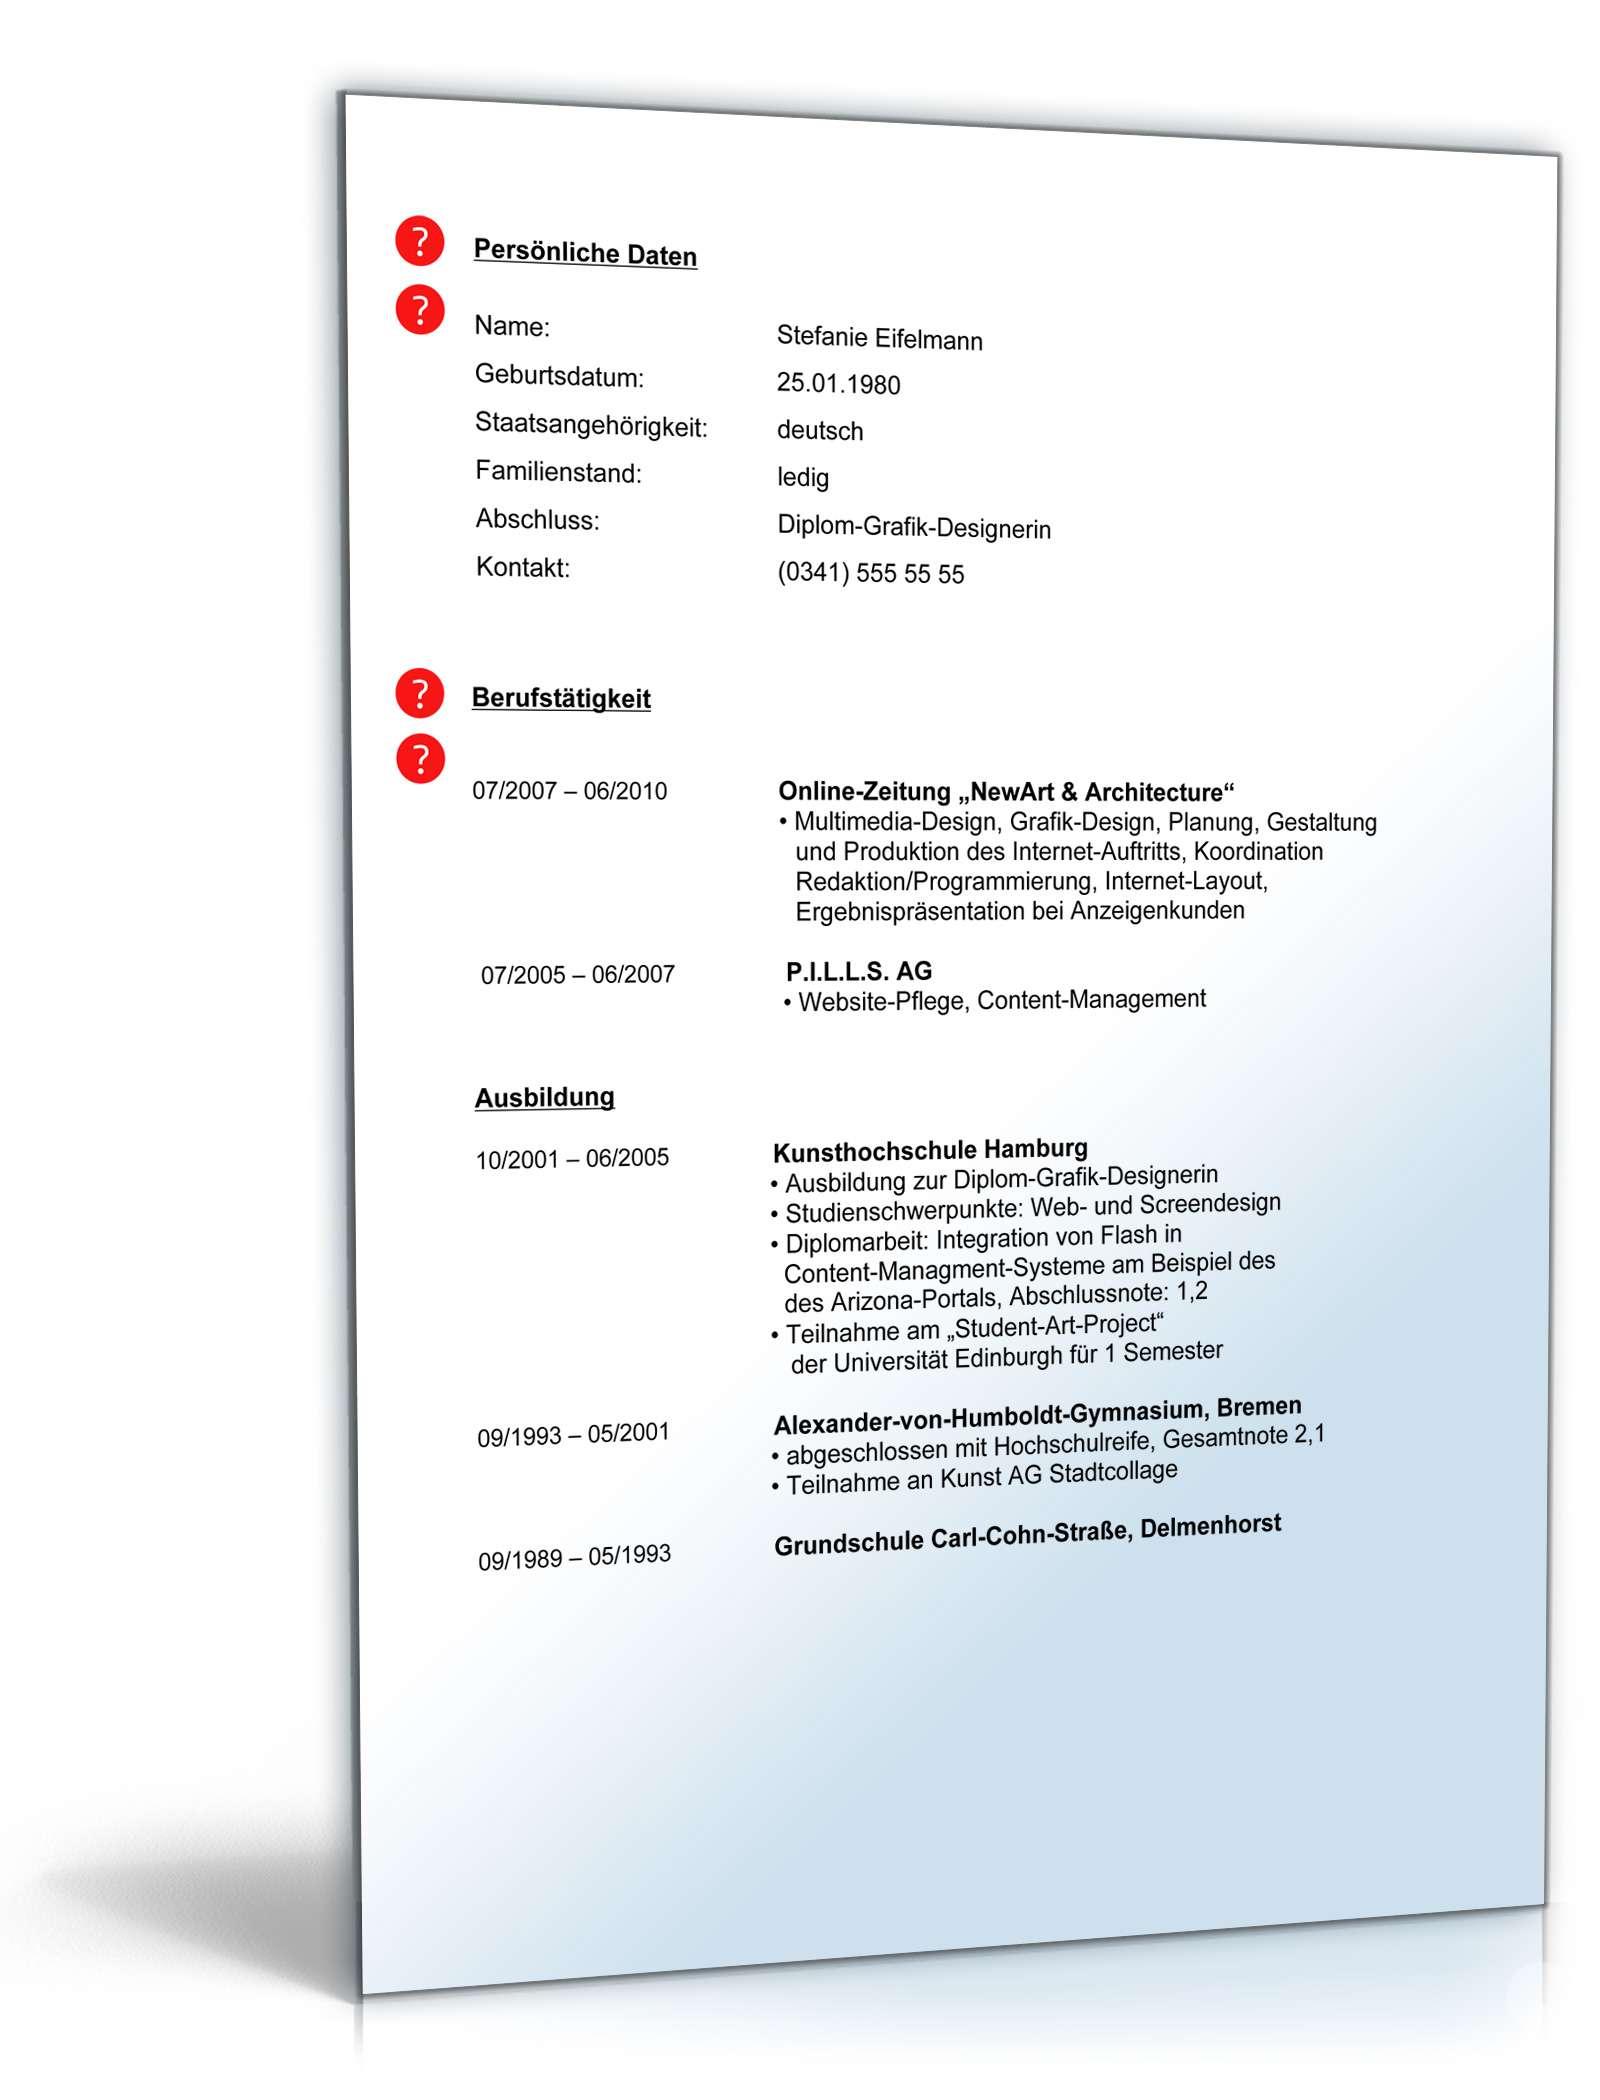 Lebenslauf Hochschulabsolvent Berufserfahrung | Muster zum Download